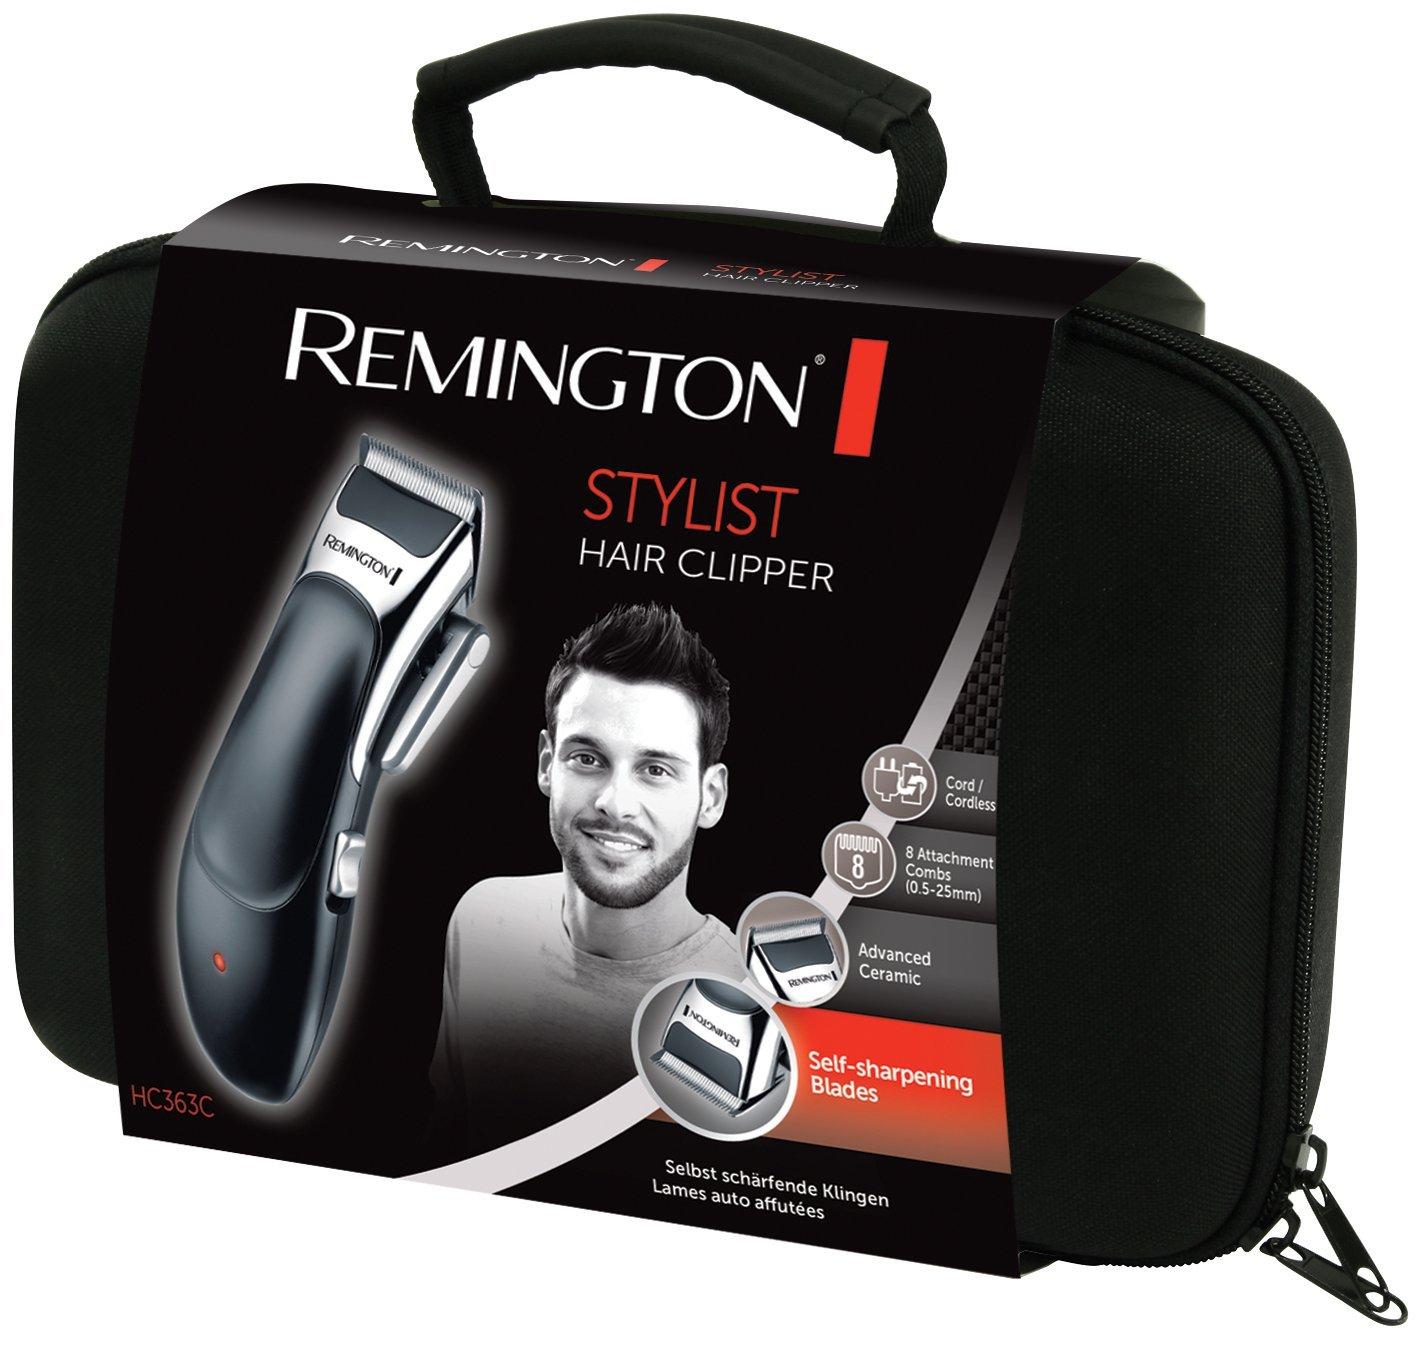 test avis tondeuse a cheveux remington hc363c